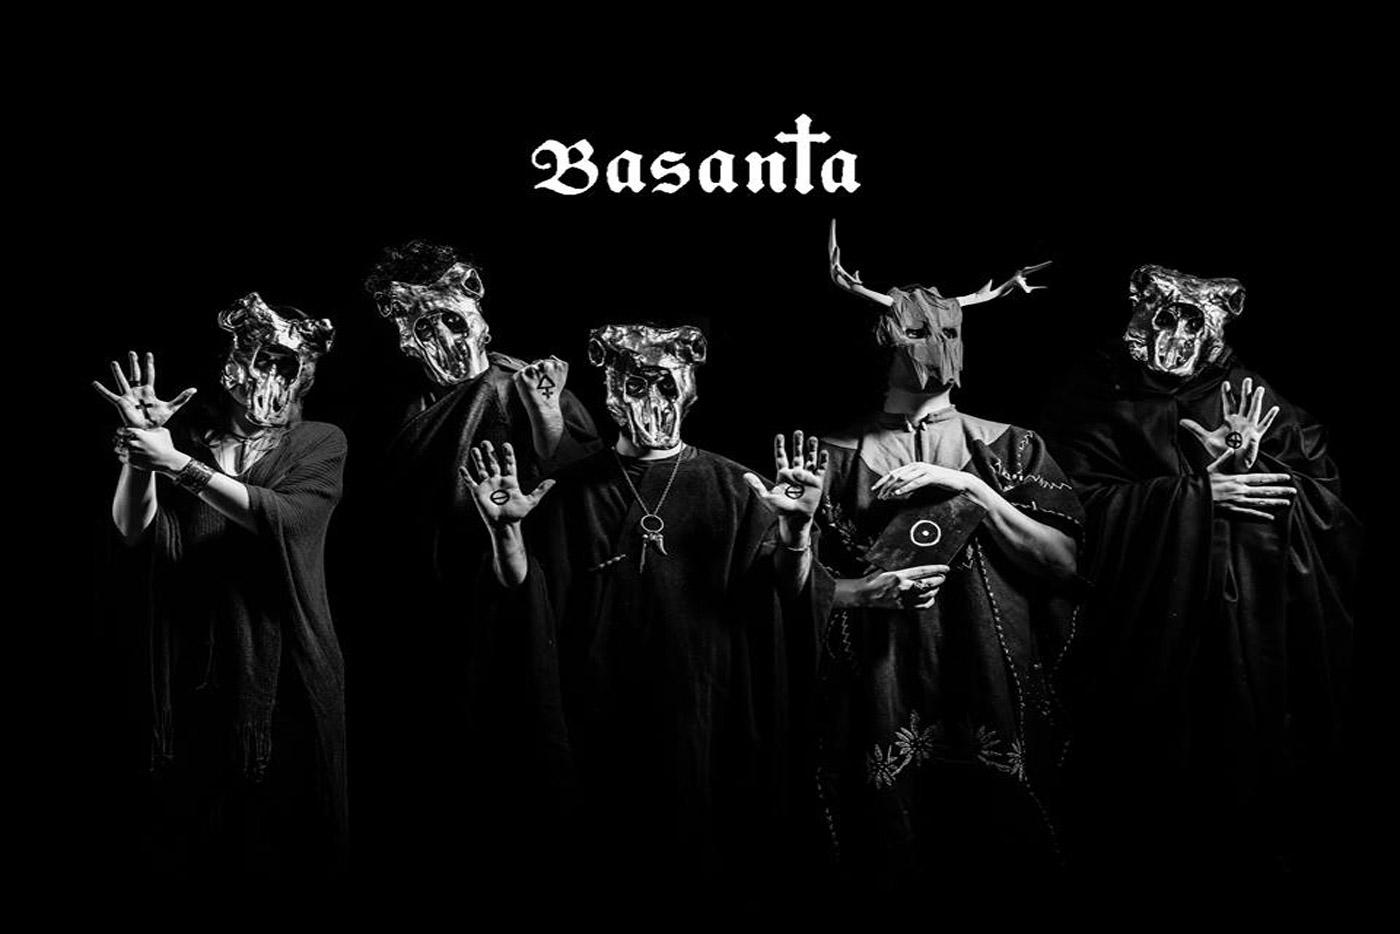 Basanta